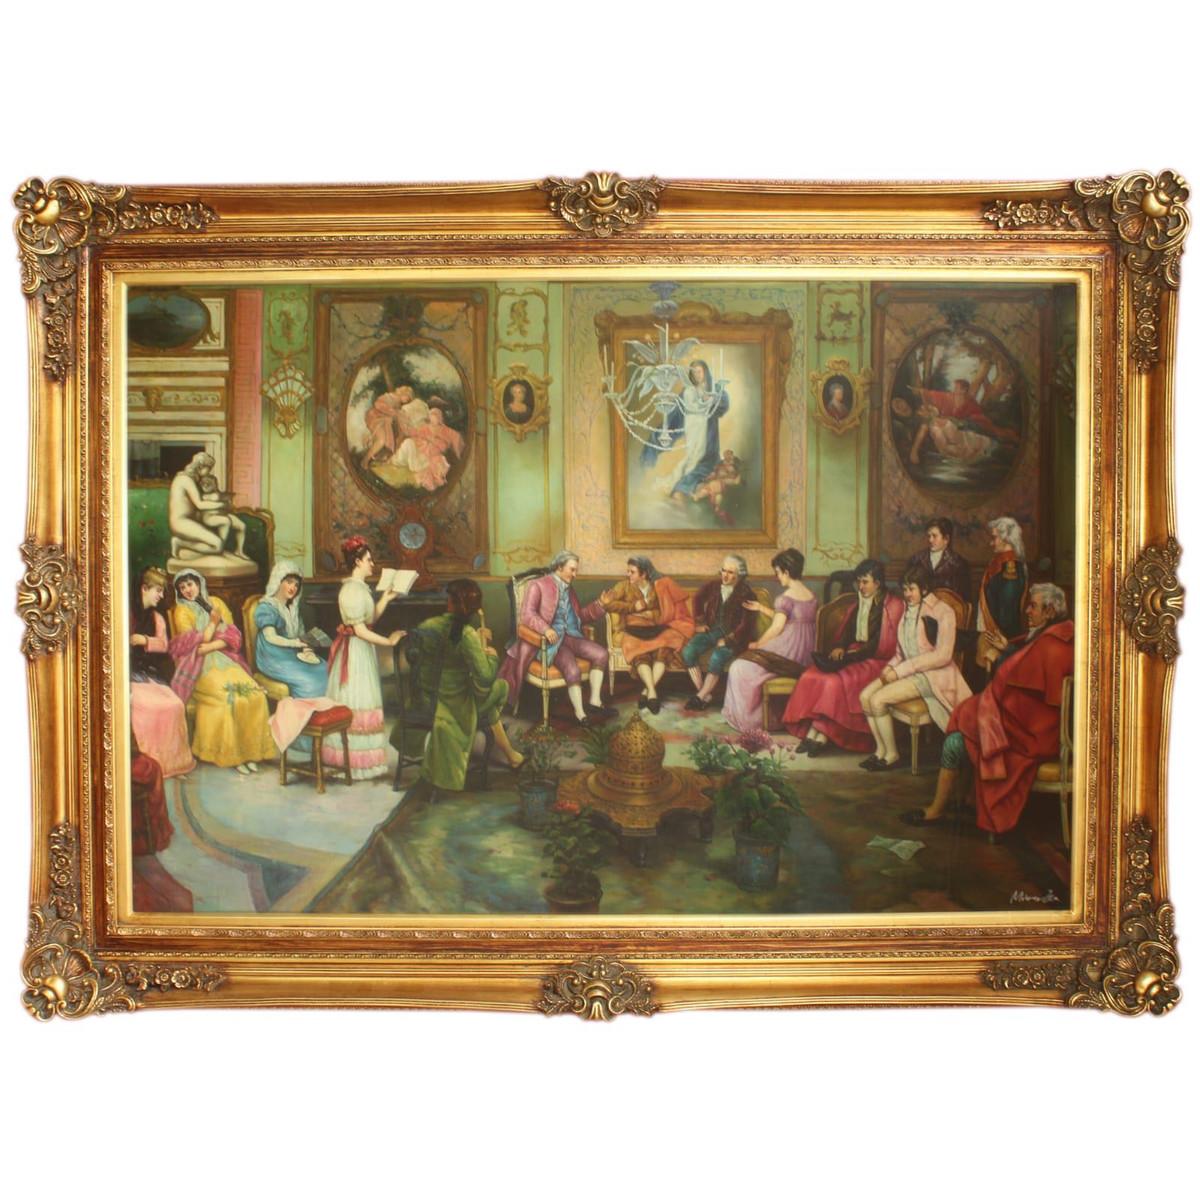 Pinturas al óleo pintadas a mano con suntuosos marcos dorados de ...